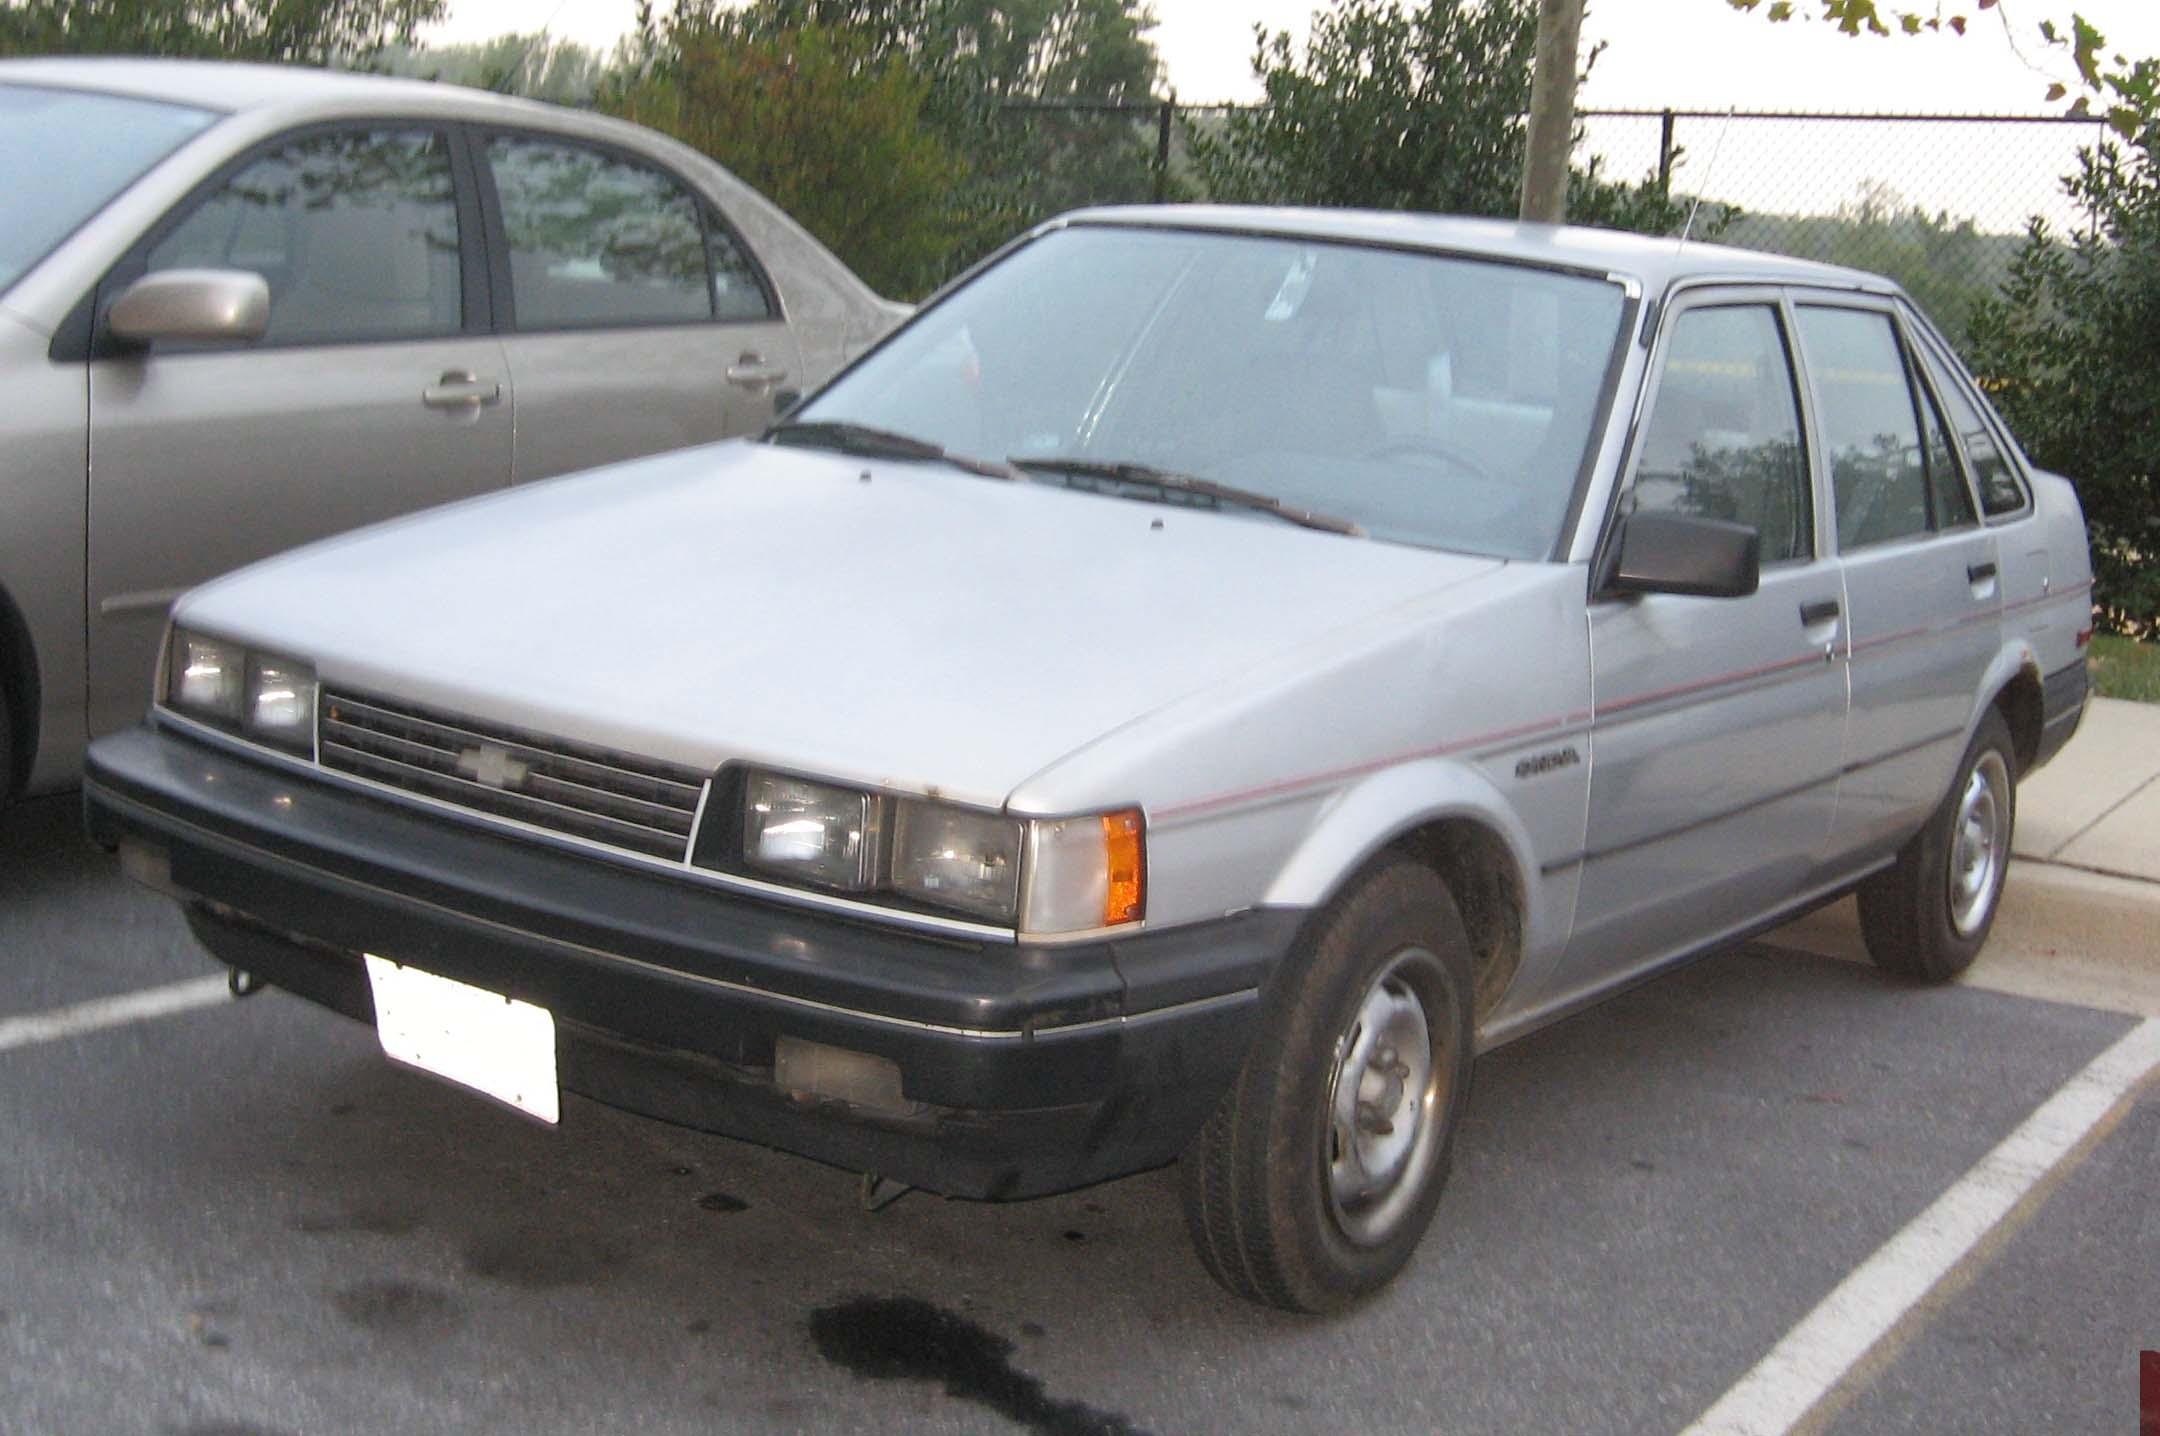 Chevrolet Nova 1988 foto - 1